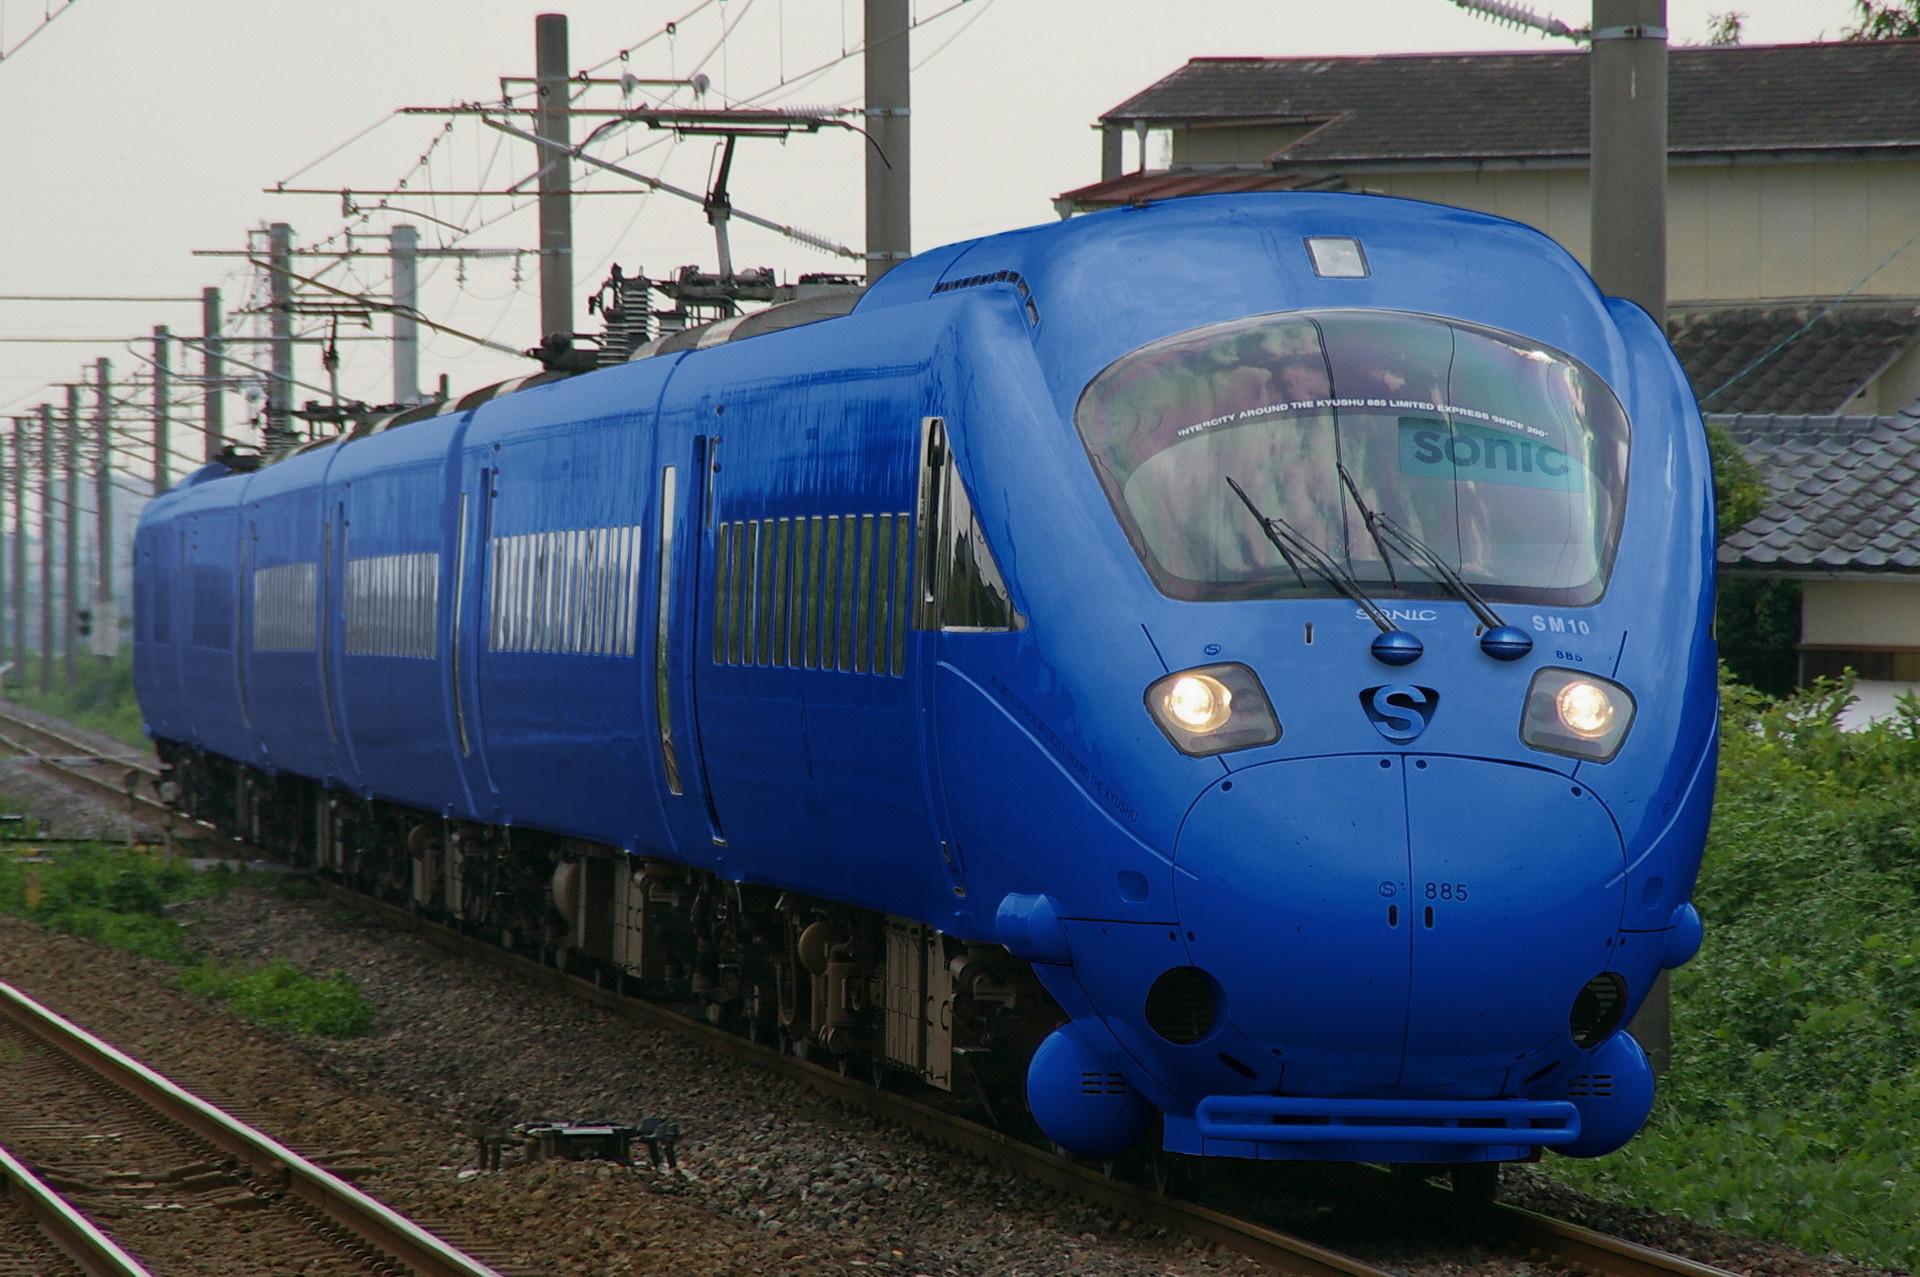 883系風・青色デザインの885系(ウソ電)